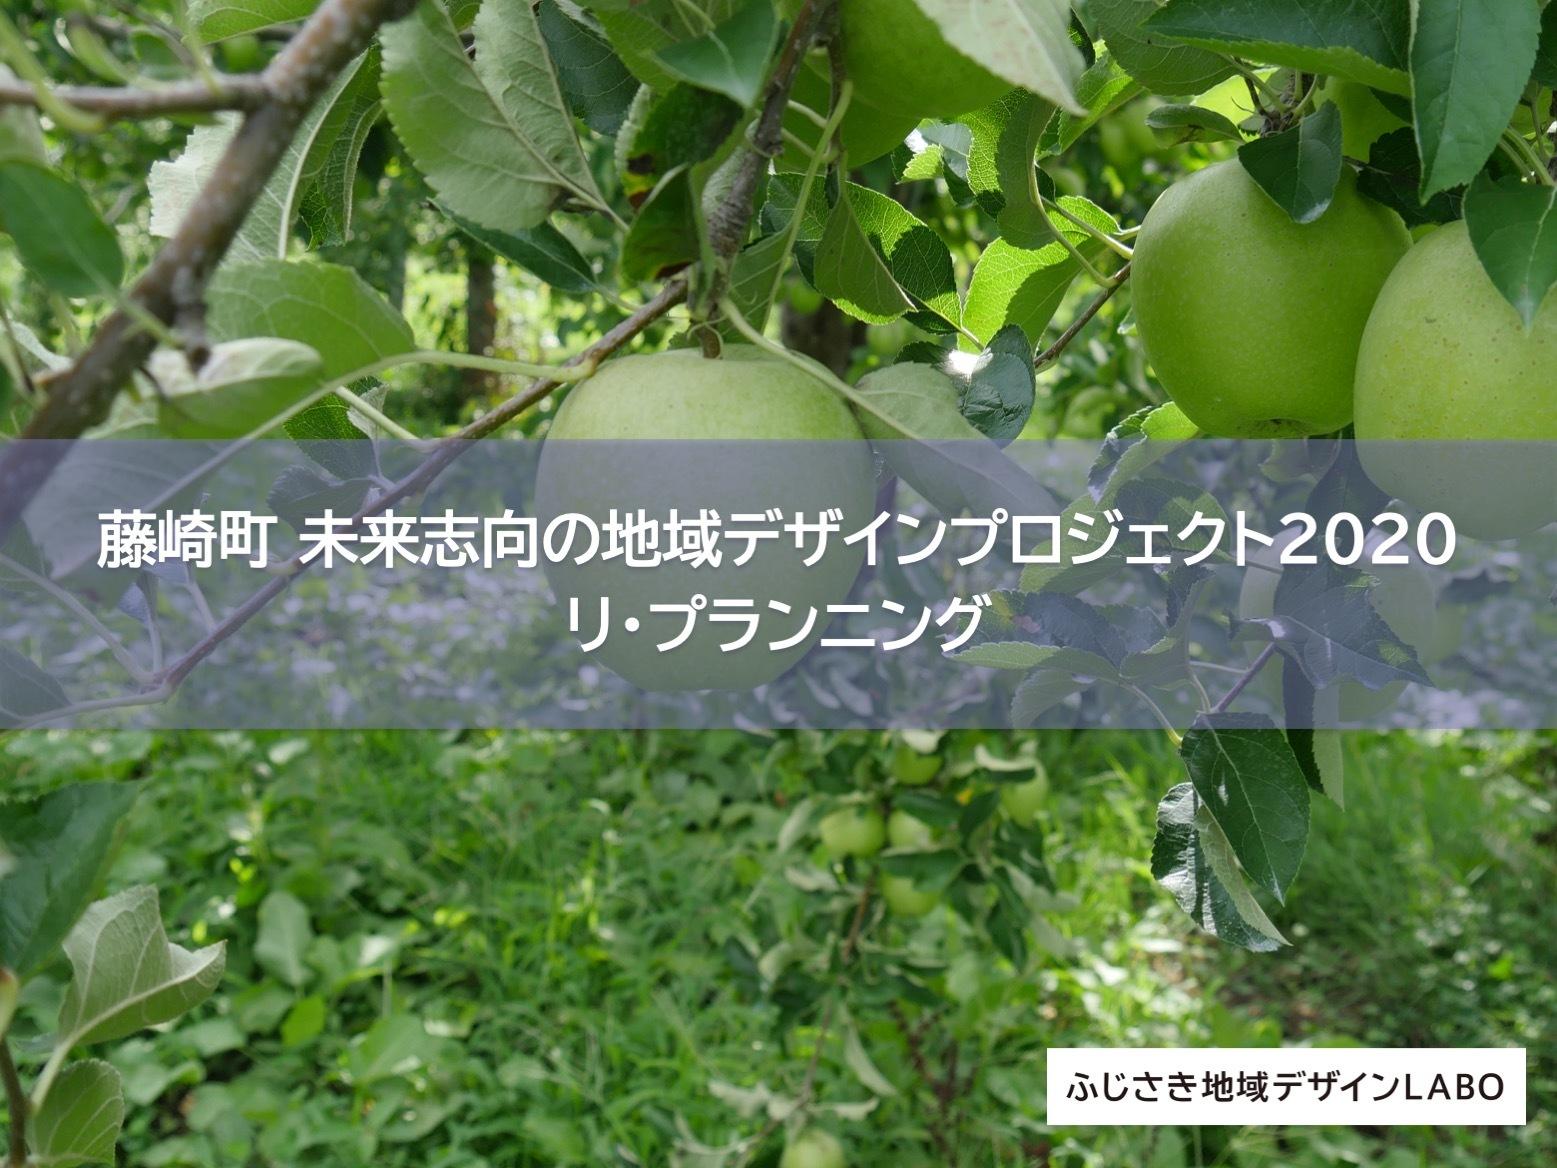 【藤崎町 未来志向の地域デザインプロジェクト 2020】リプランニング 企画計画ブラッシュアップ②